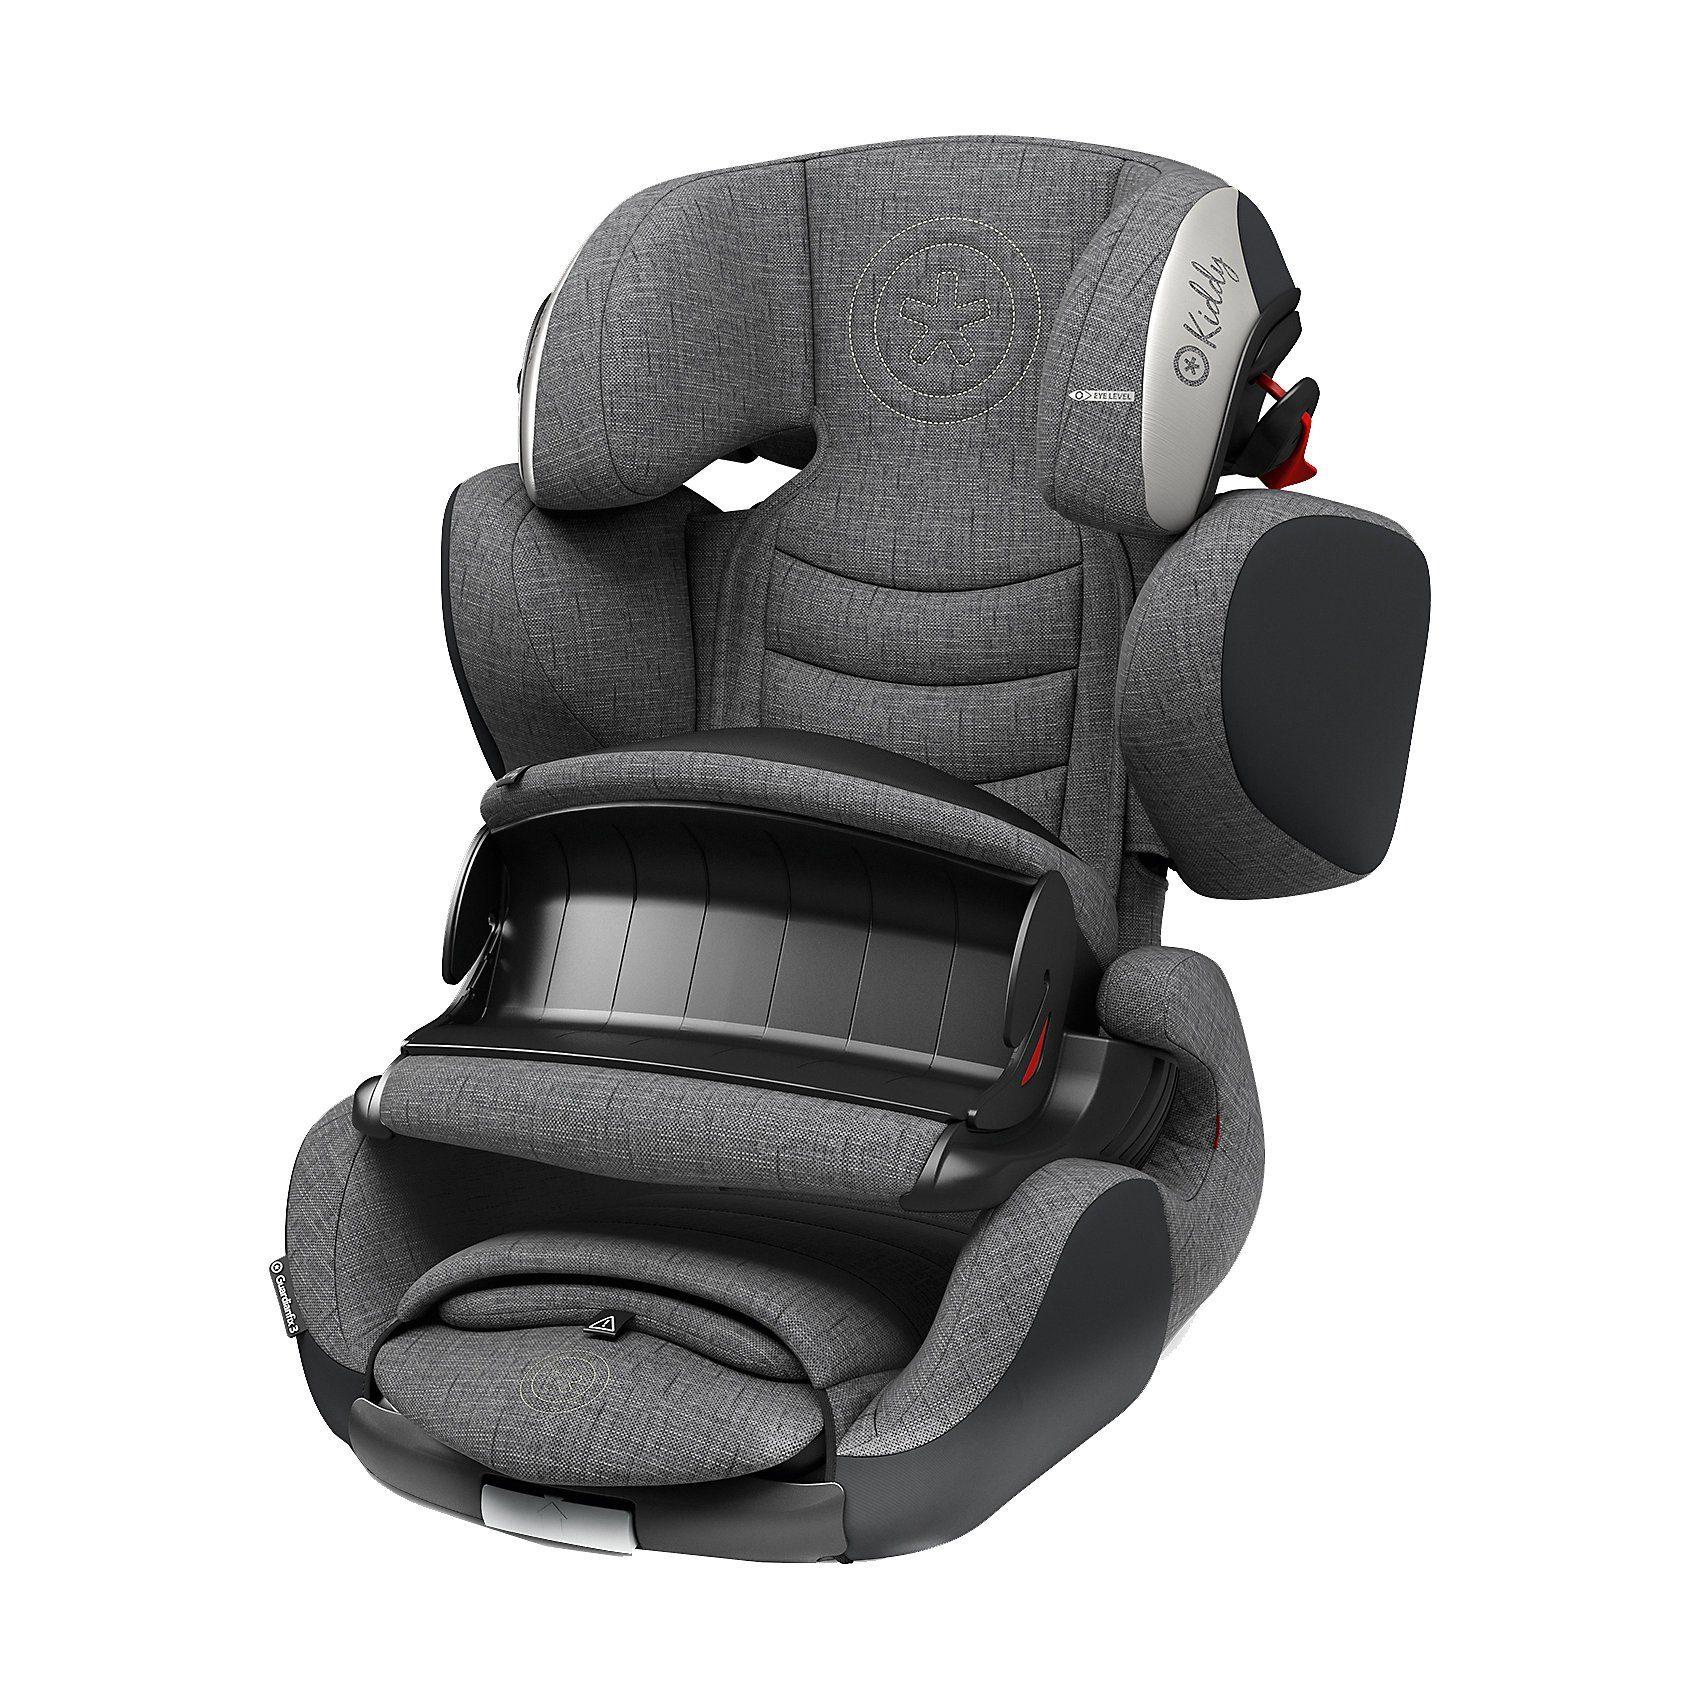 kiddy Auto-Kindersitz Guardianfix 3, Grey Melange Icy Grey, 2018